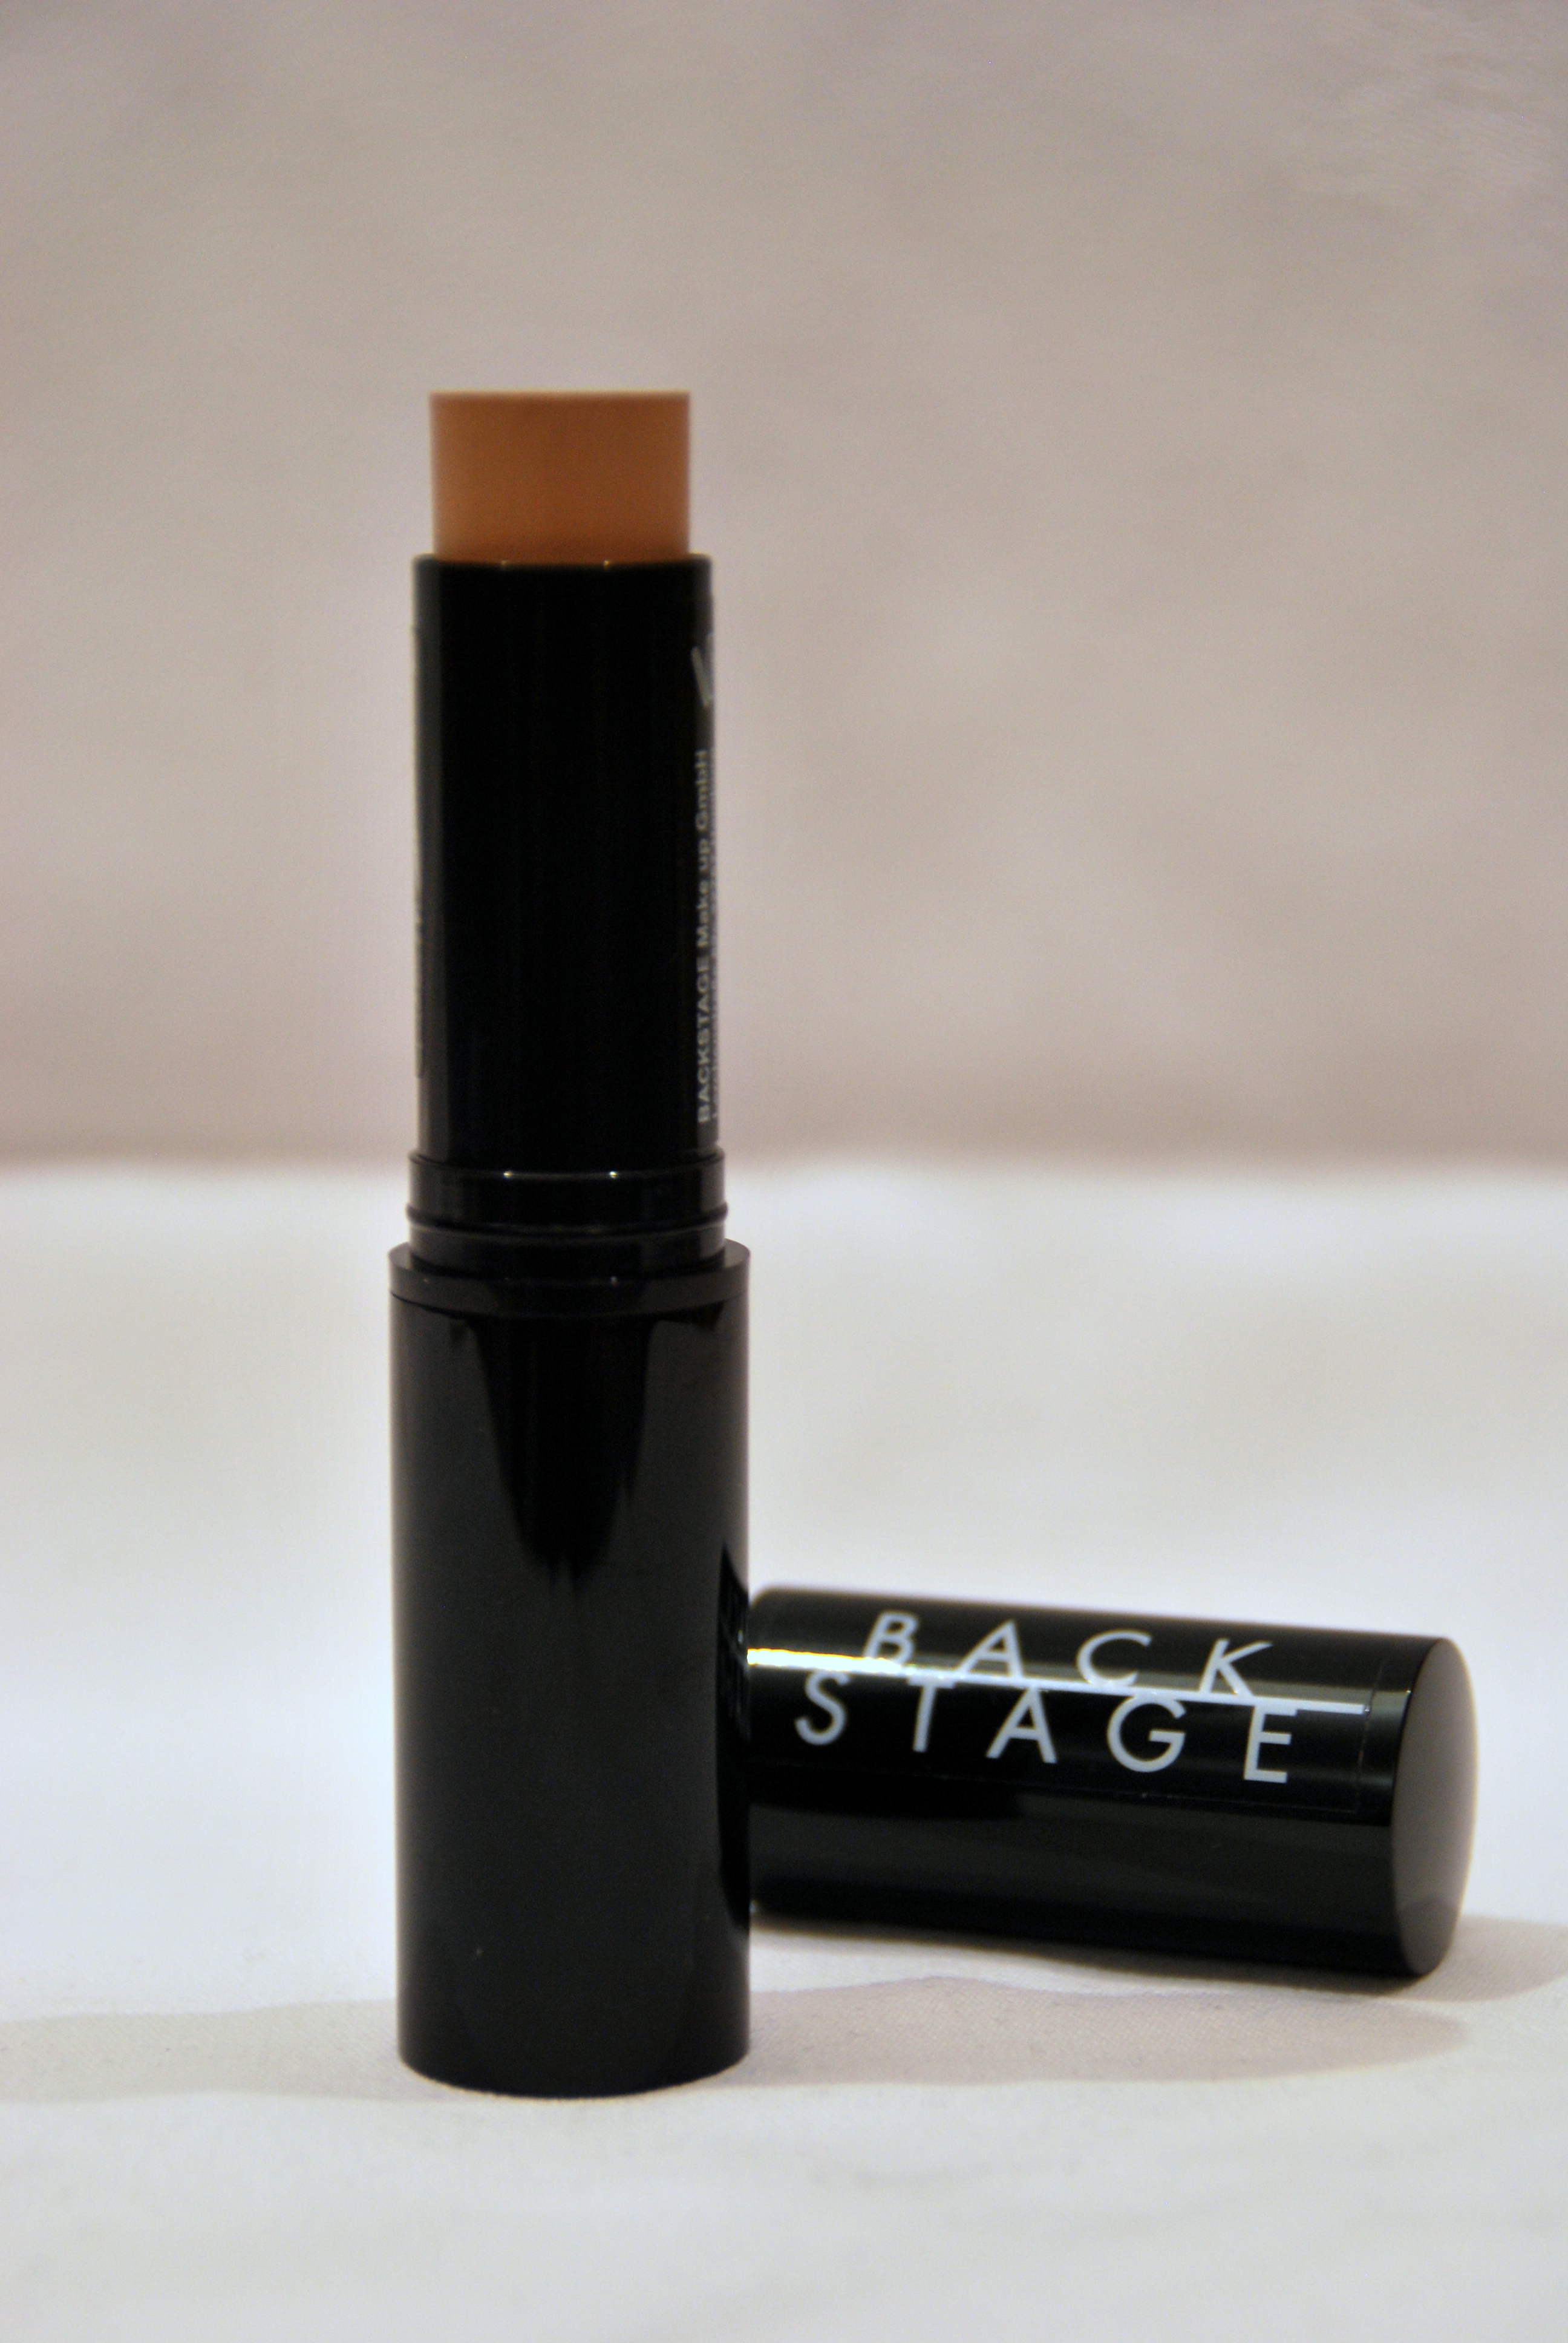 foundation stick von back stage profi make up cosmetica roos online shop. Black Bedroom Furniture Sets. Home Design Ideas